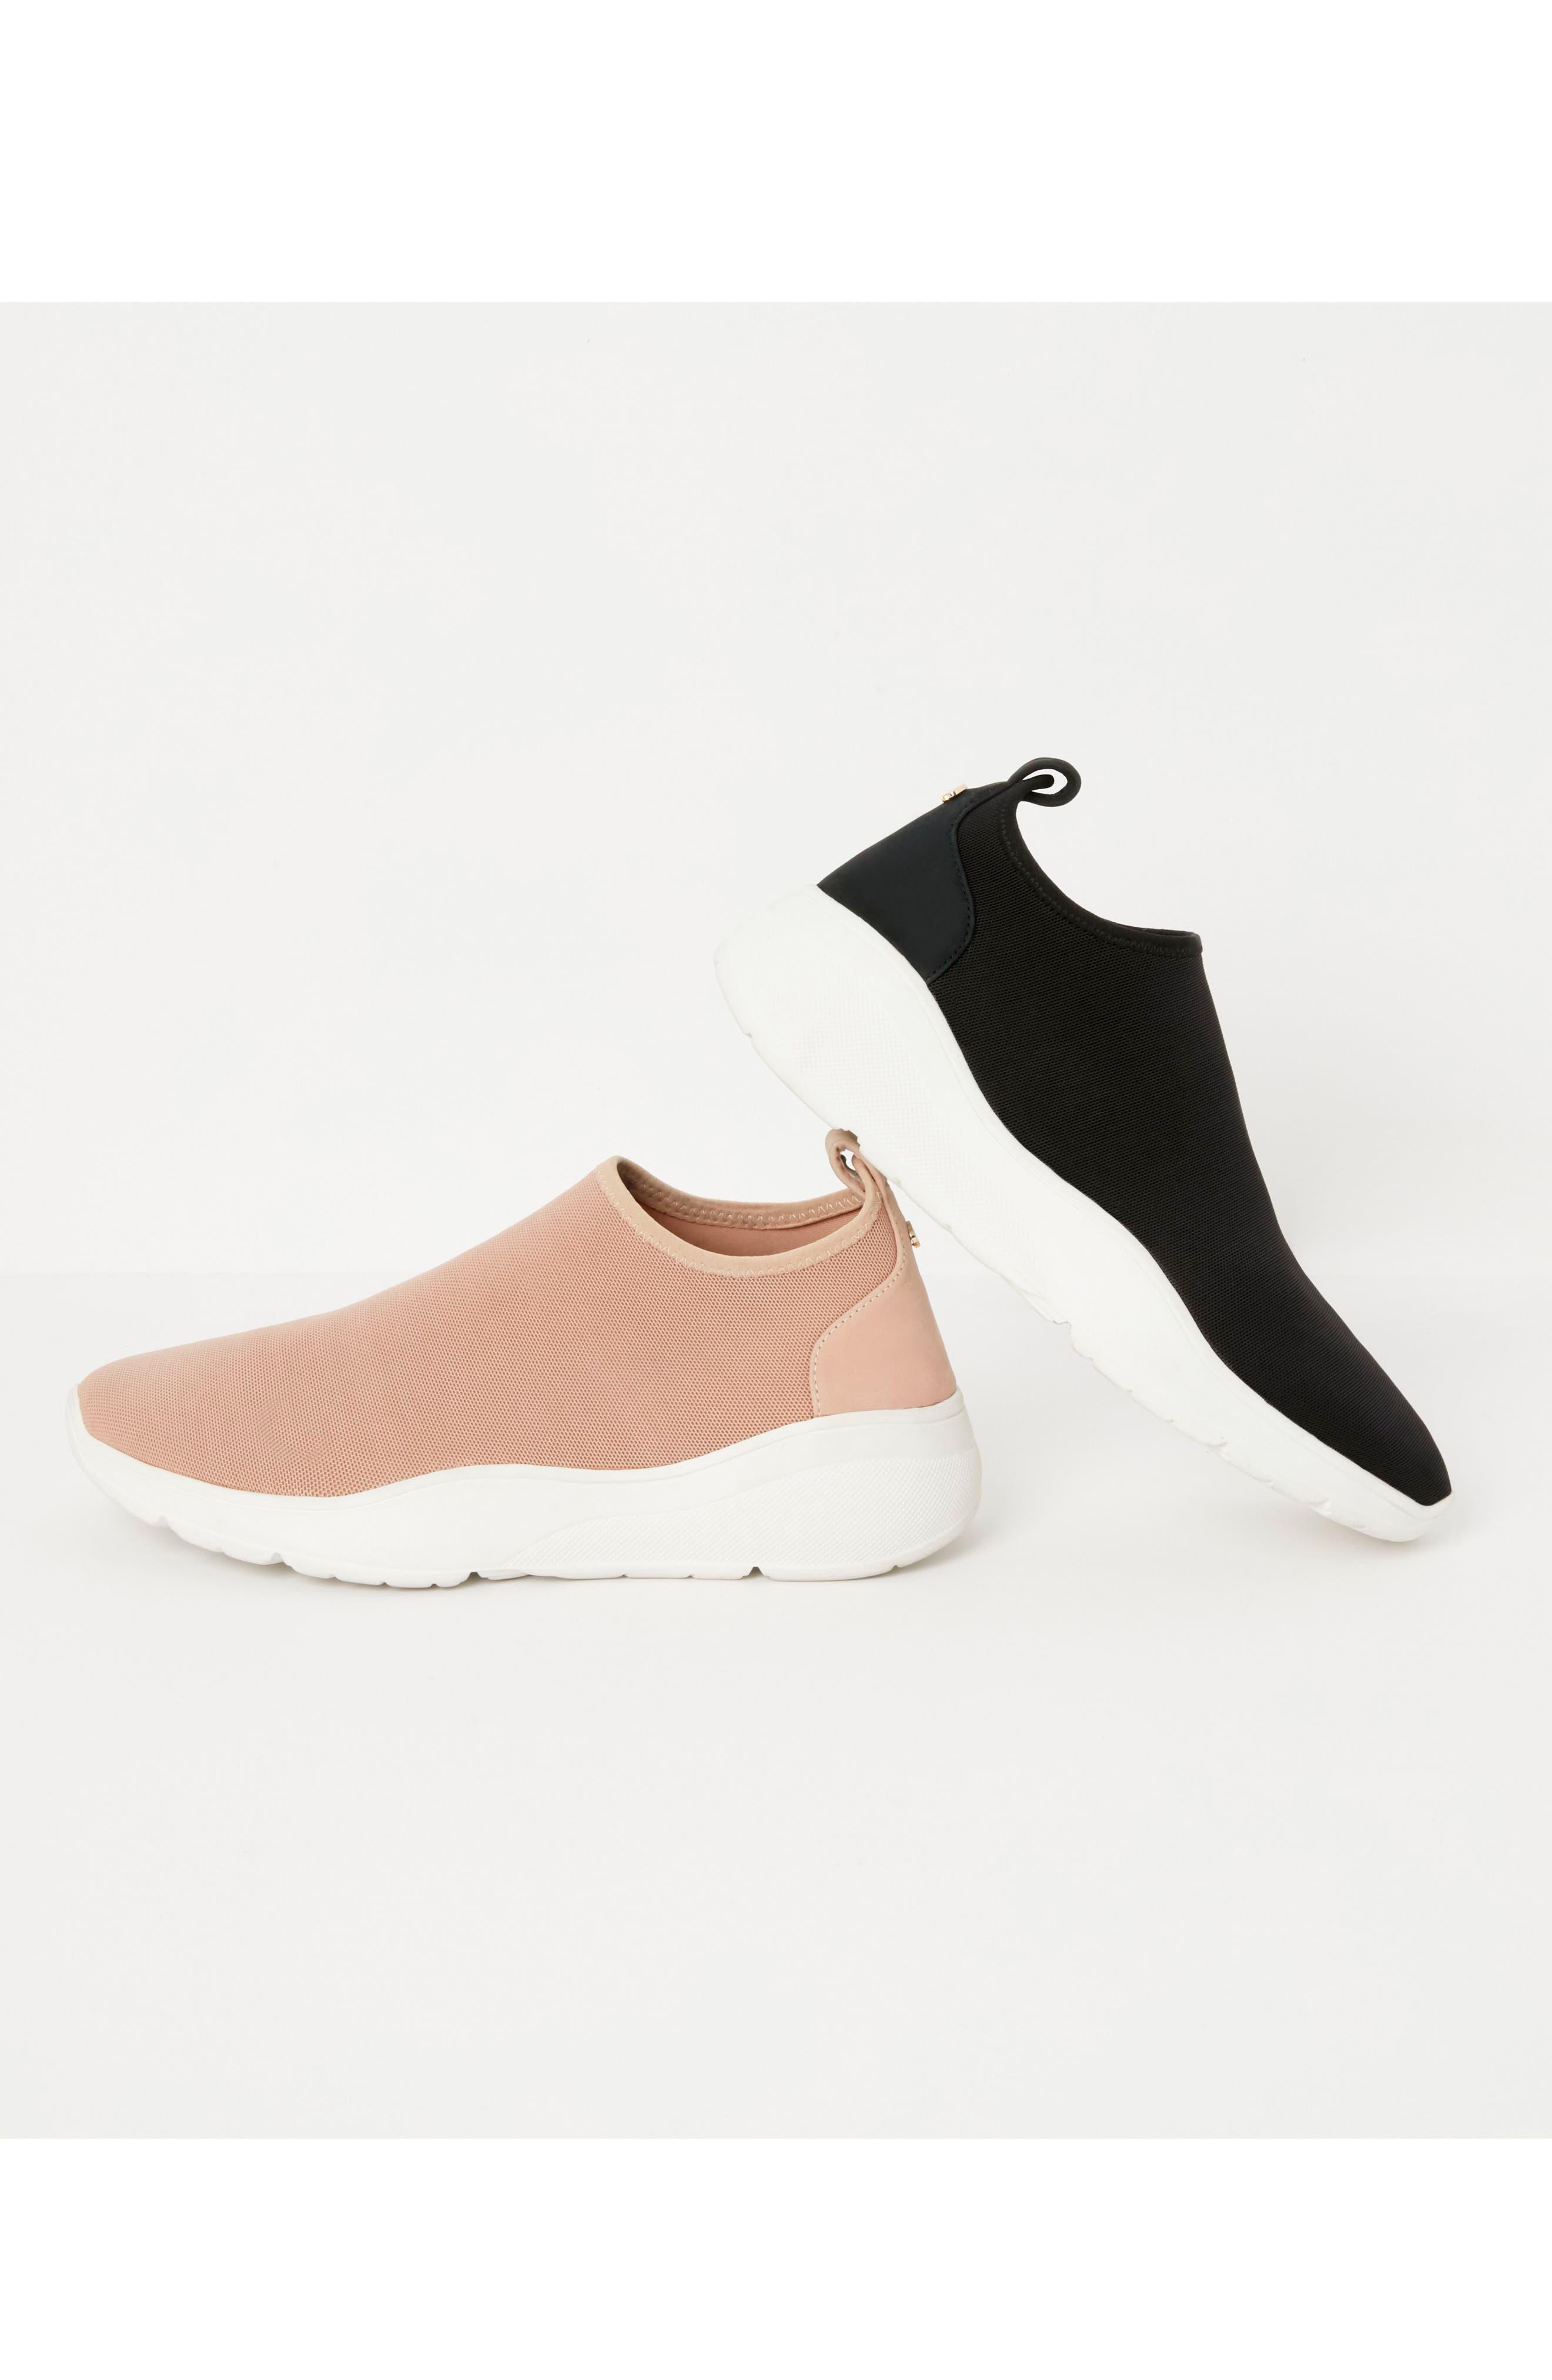 KATE SPADE NEW YORK,                             bradlee slip-on sneaker,                             Alternate thumbnail 7, color,                             001